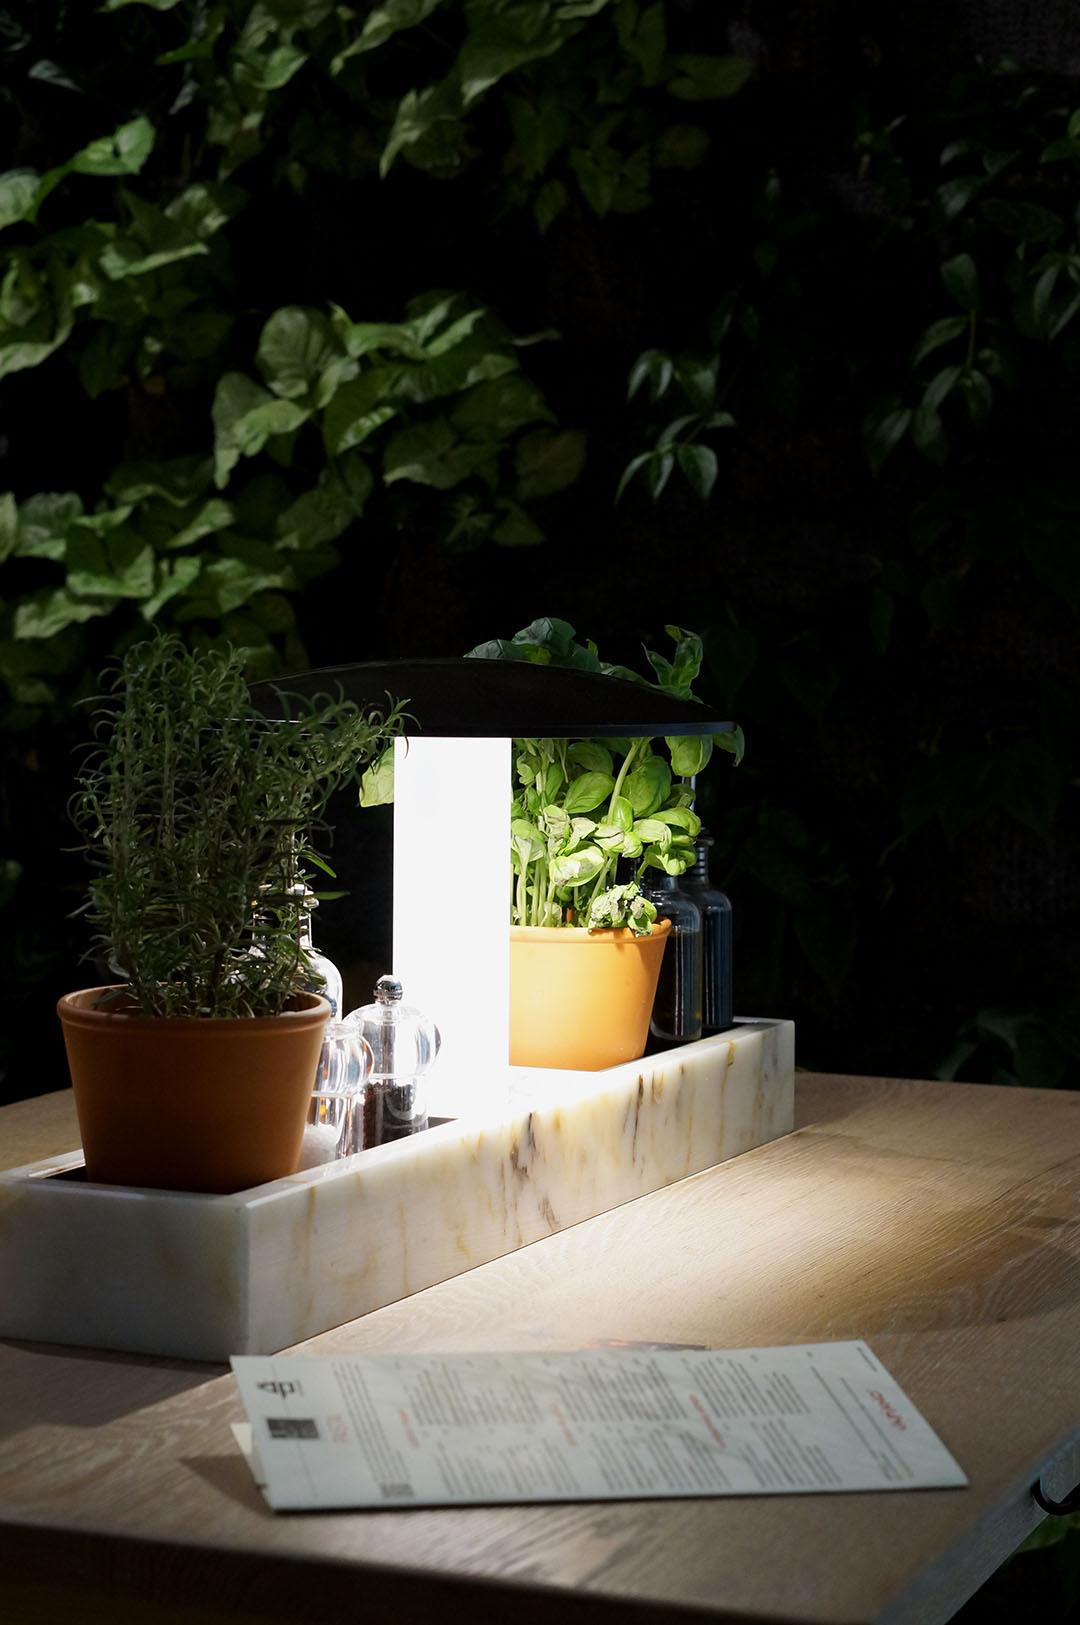 un d ner en italie gr ce vapiano l 39 autruche nantaise. Black Bedroom Furniture Sets. Home Design Ideas